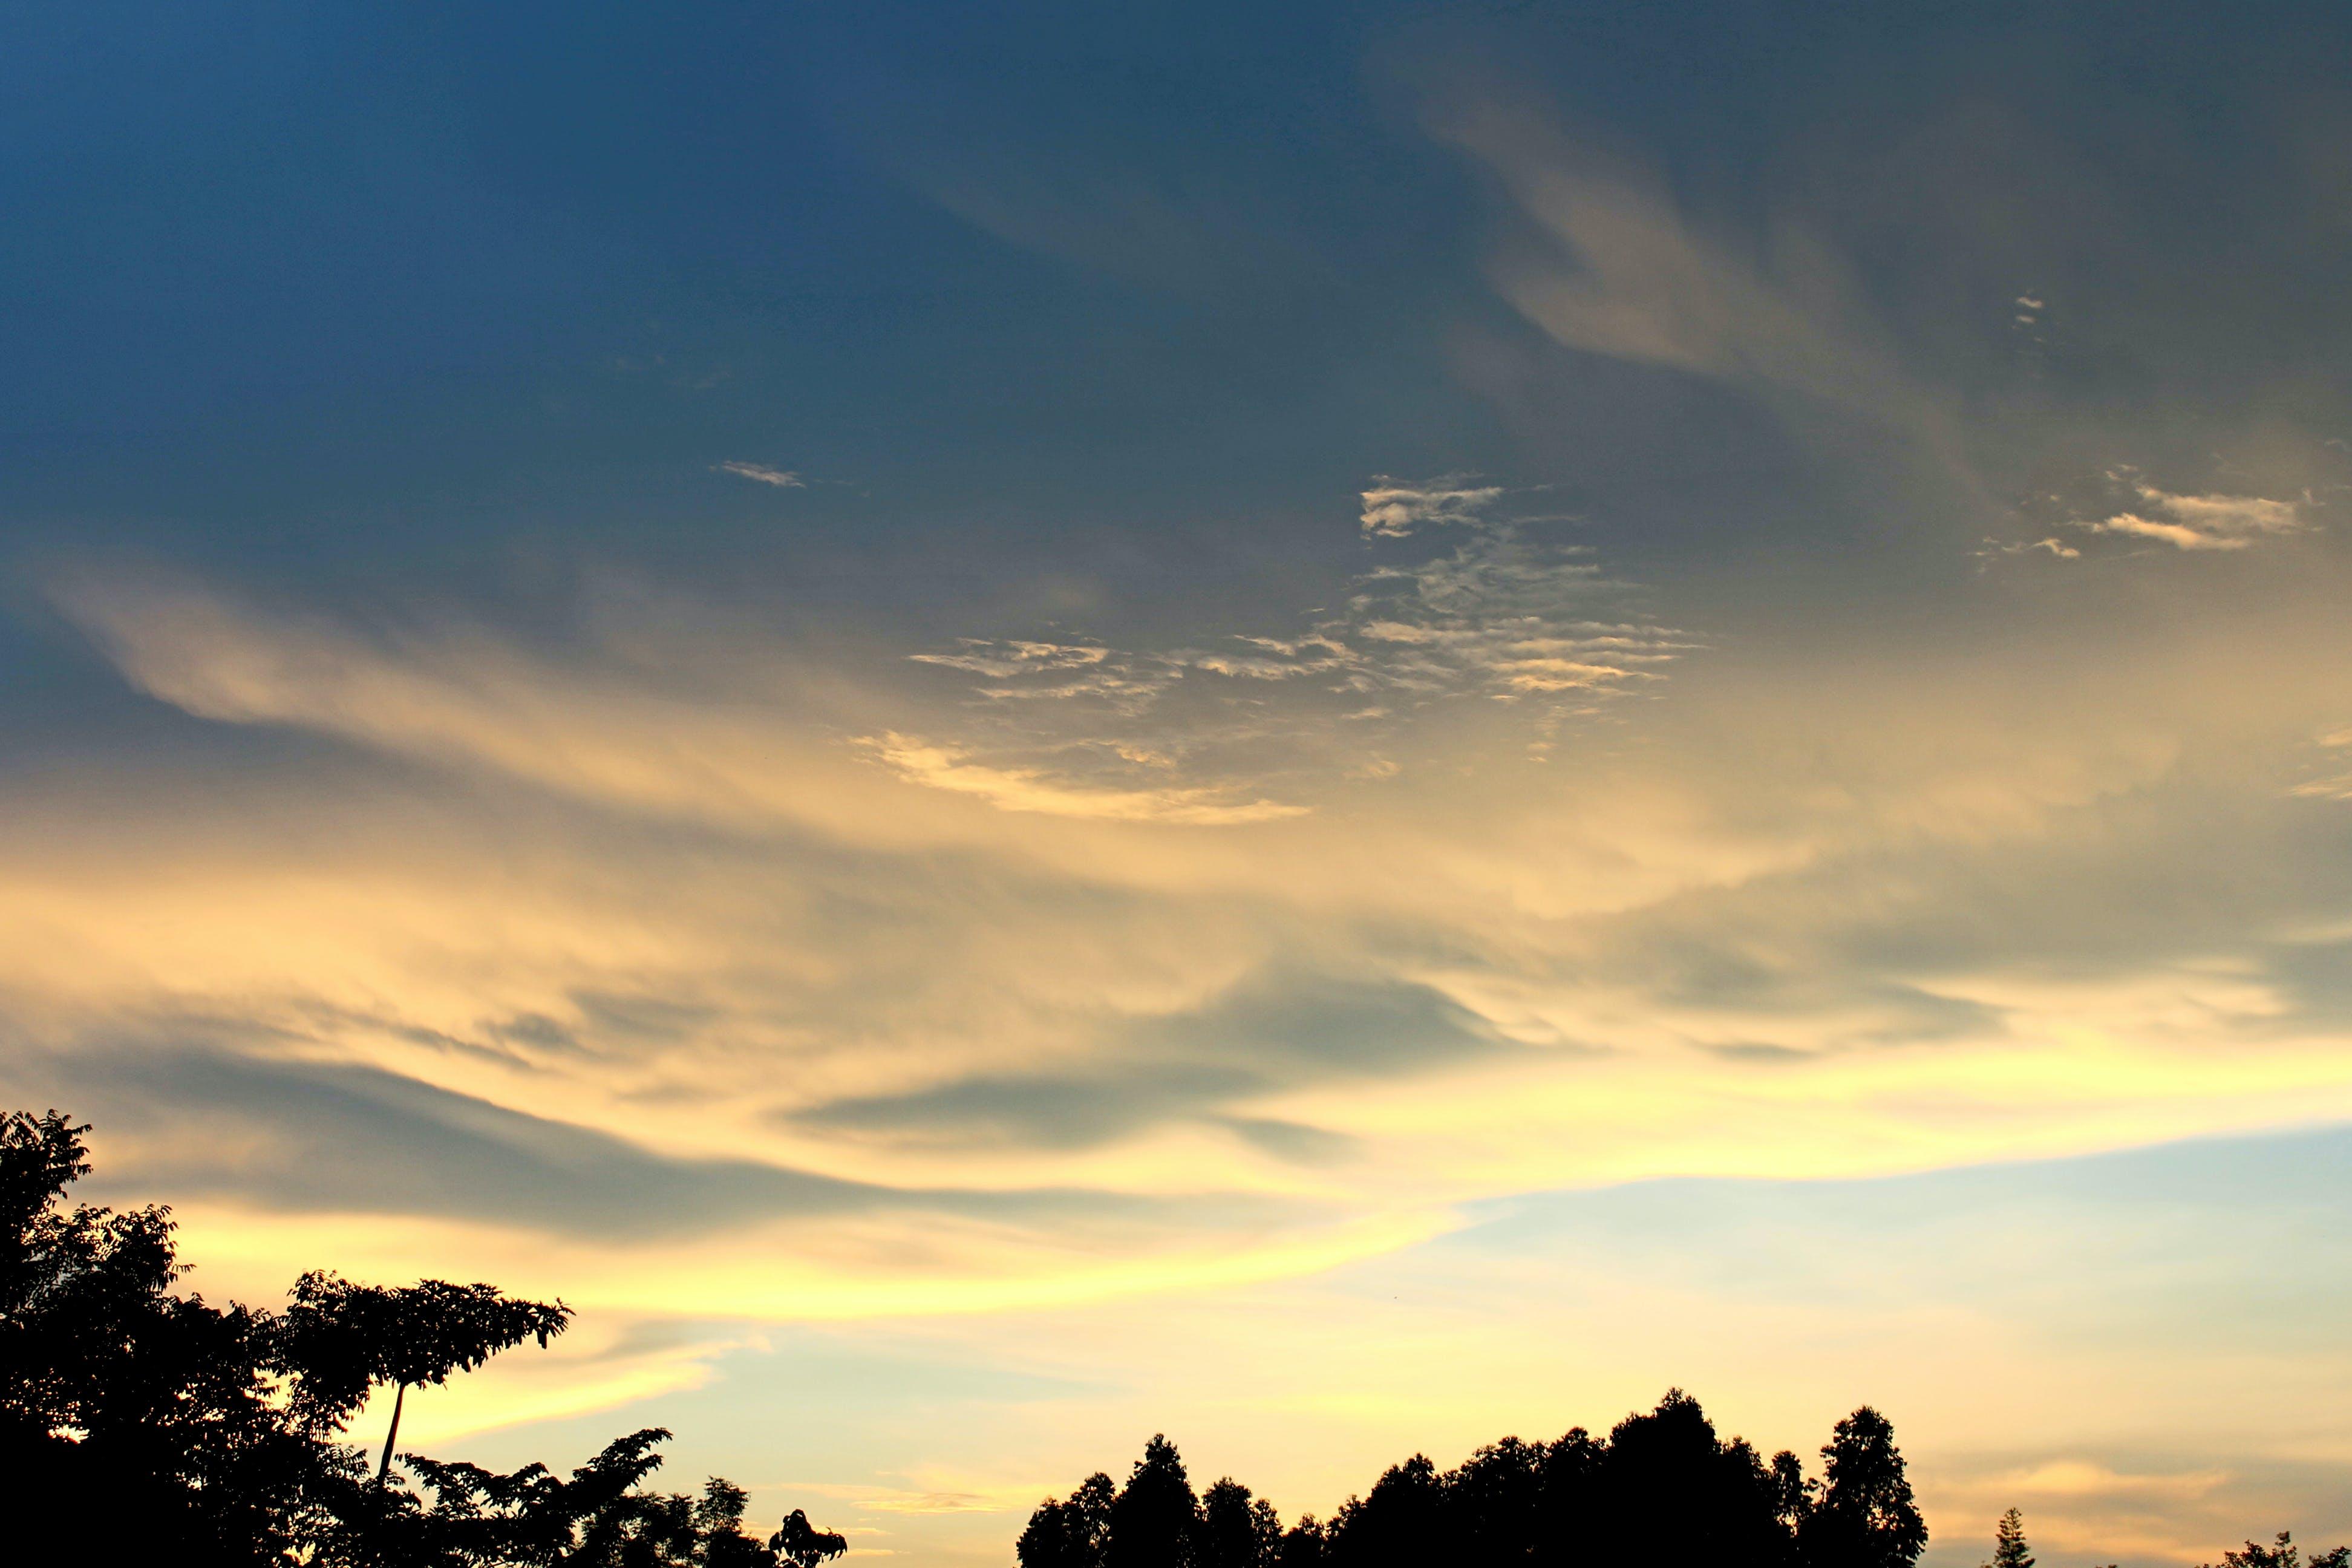 Δωρεάν στοκ φωτογραφιών με αίθριος καιρός, αυγή, γαλάζιος ουρανός, γαλήνιος